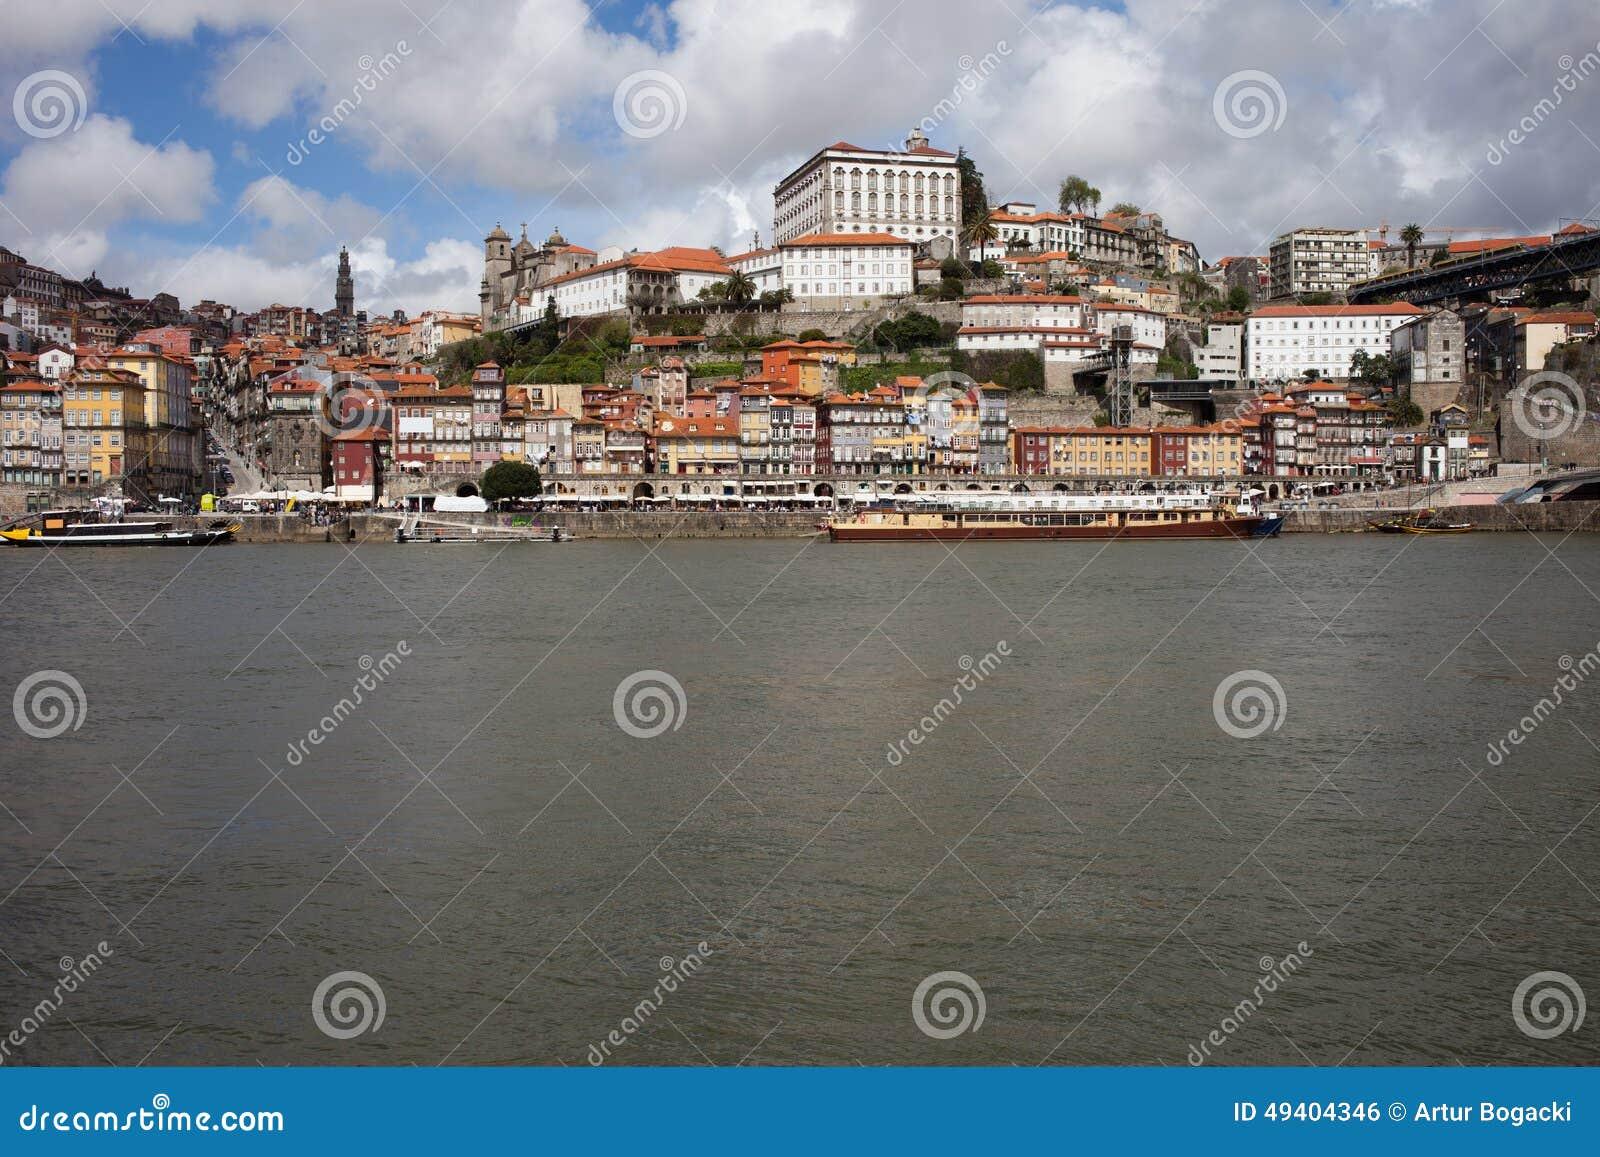 Download Historische Mitte Von Oporto In Portugal Stockfoto - Bild von site, grenzstein: 49404346